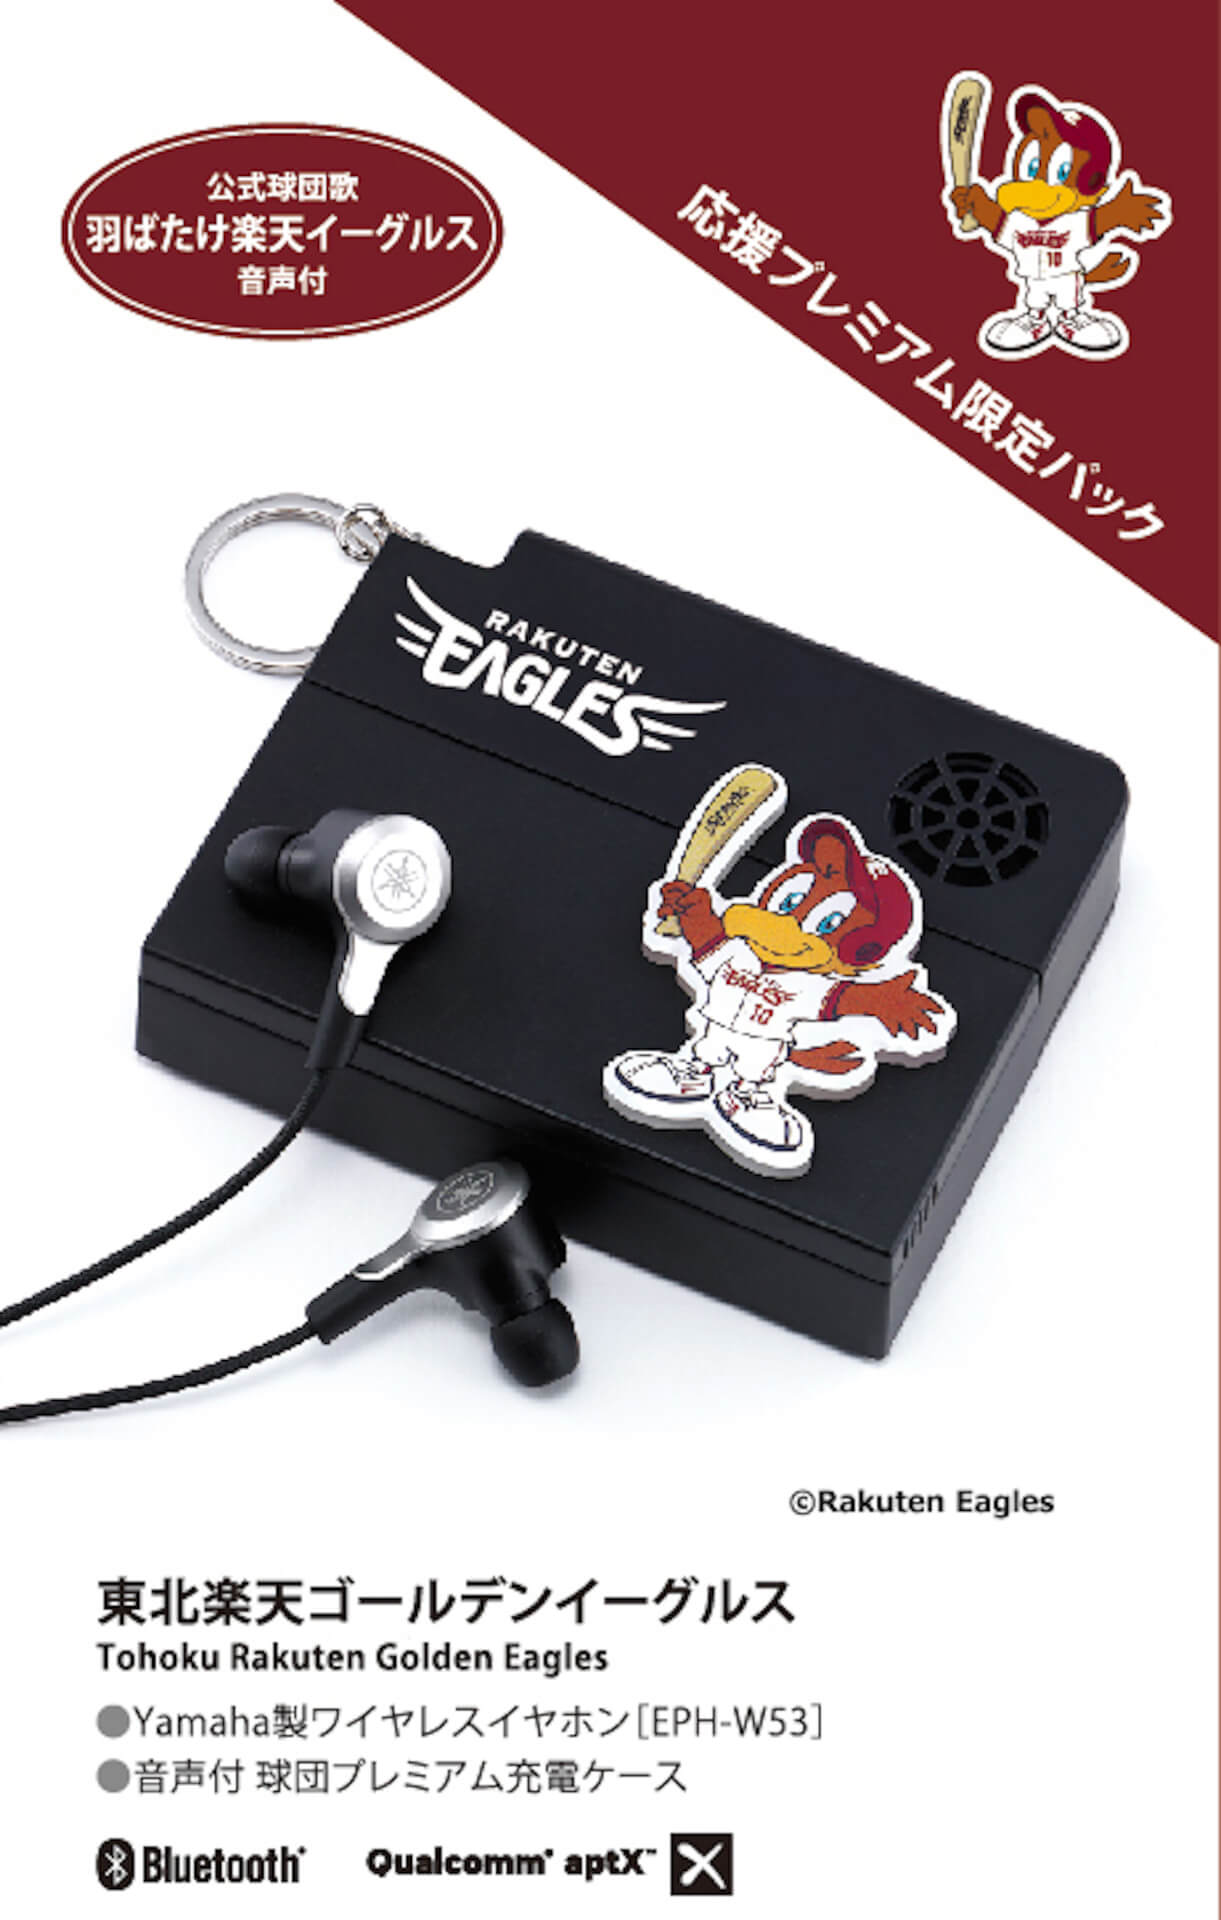 ホークス、タイガースにカープも!ワイヤレスイヤホンとプロ野球10球団別ロゴ入り充電ケースのセットが限定発売 tech191101_baseball_earphone_12